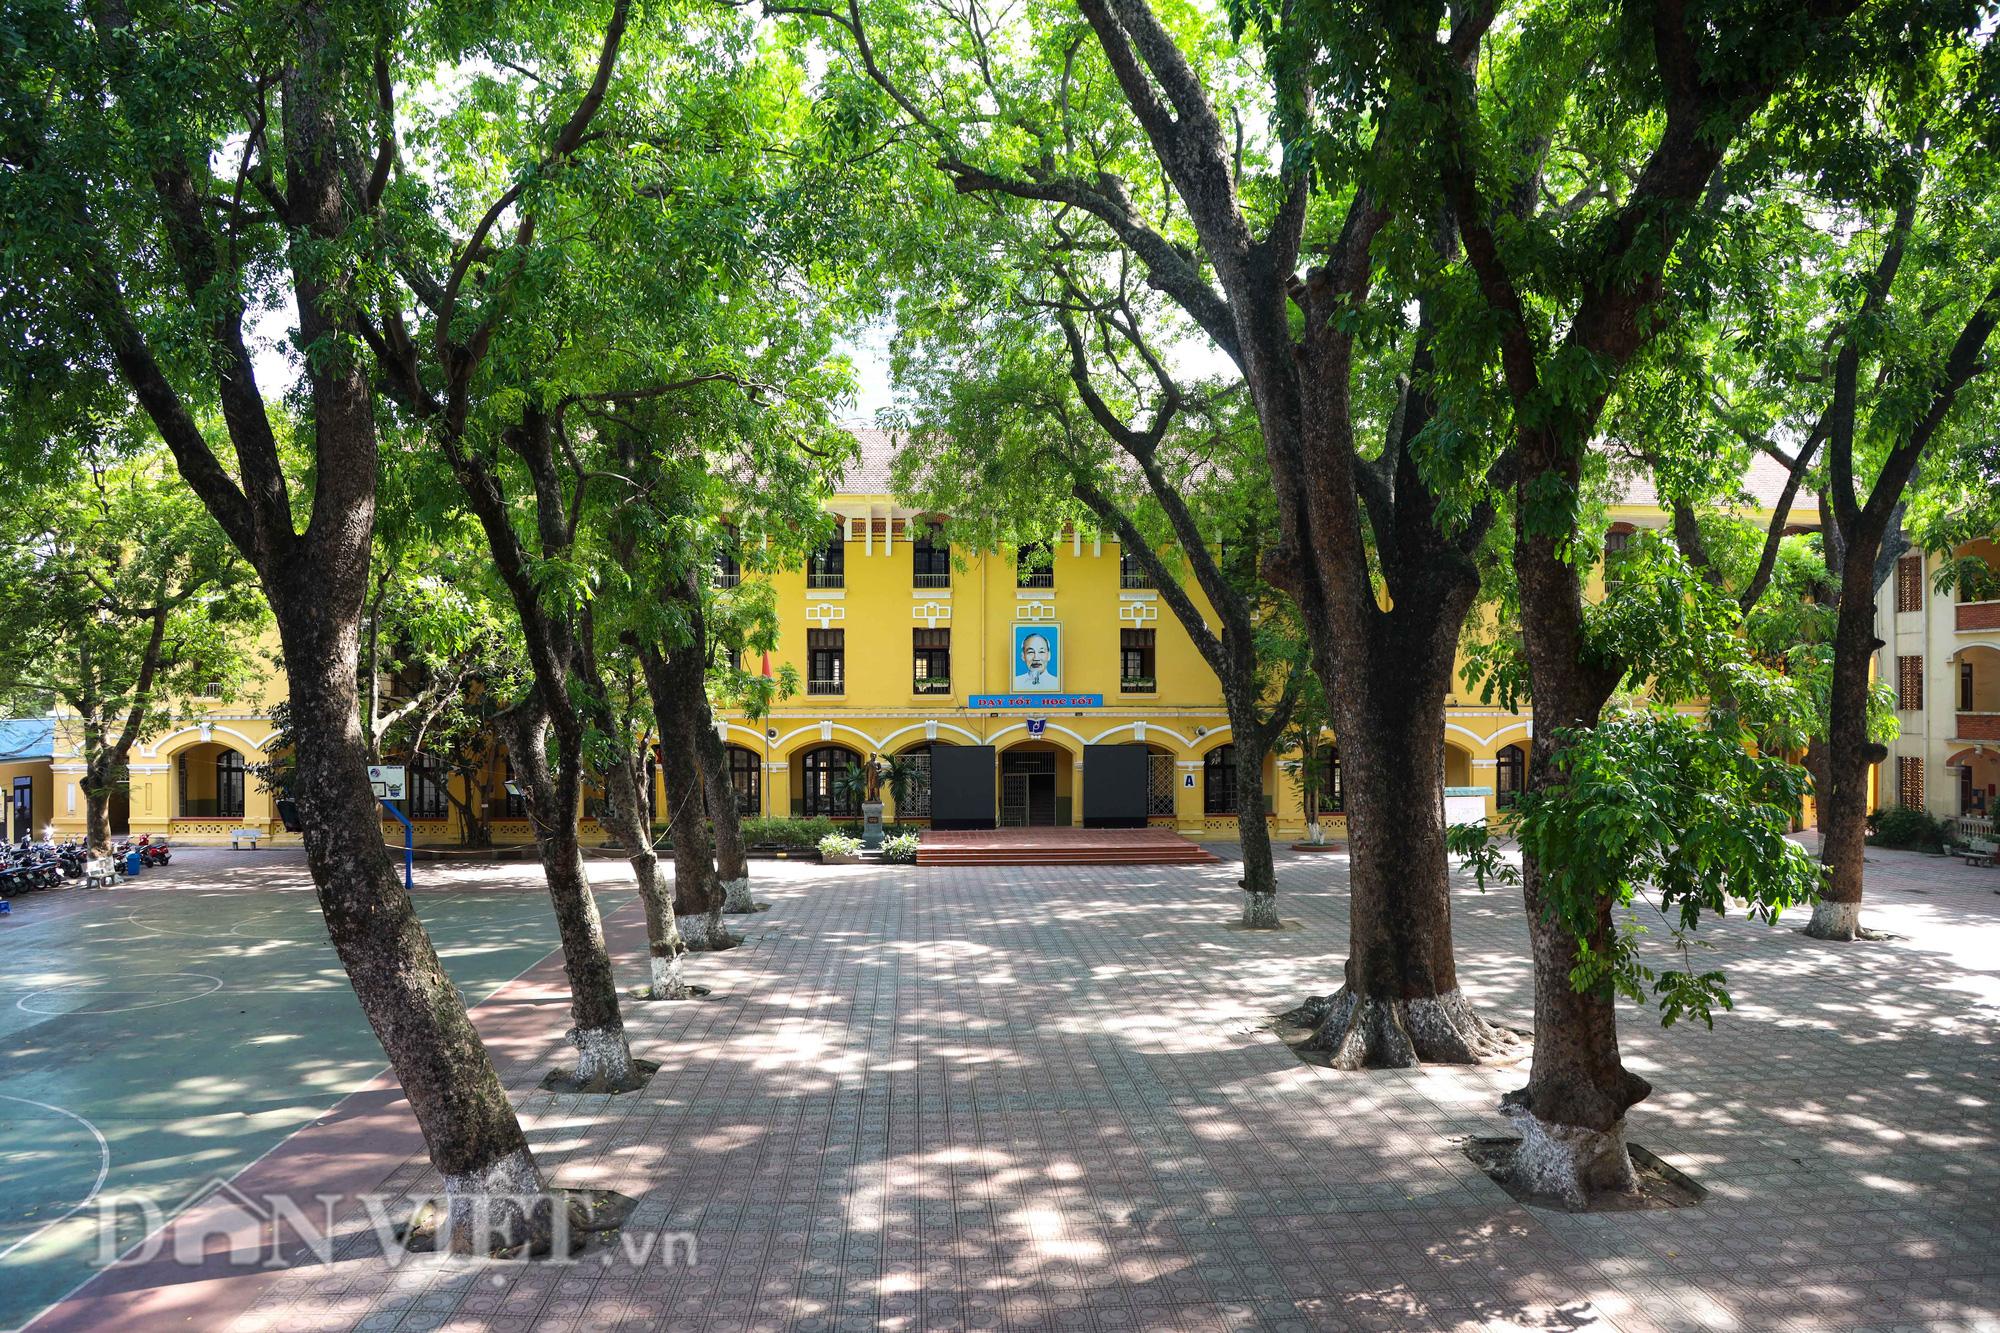 Học sinh Hà Nội không hề lo sợ dù ngồi giữa sân trường đầy cây cổ thụ - Ảnh 1.